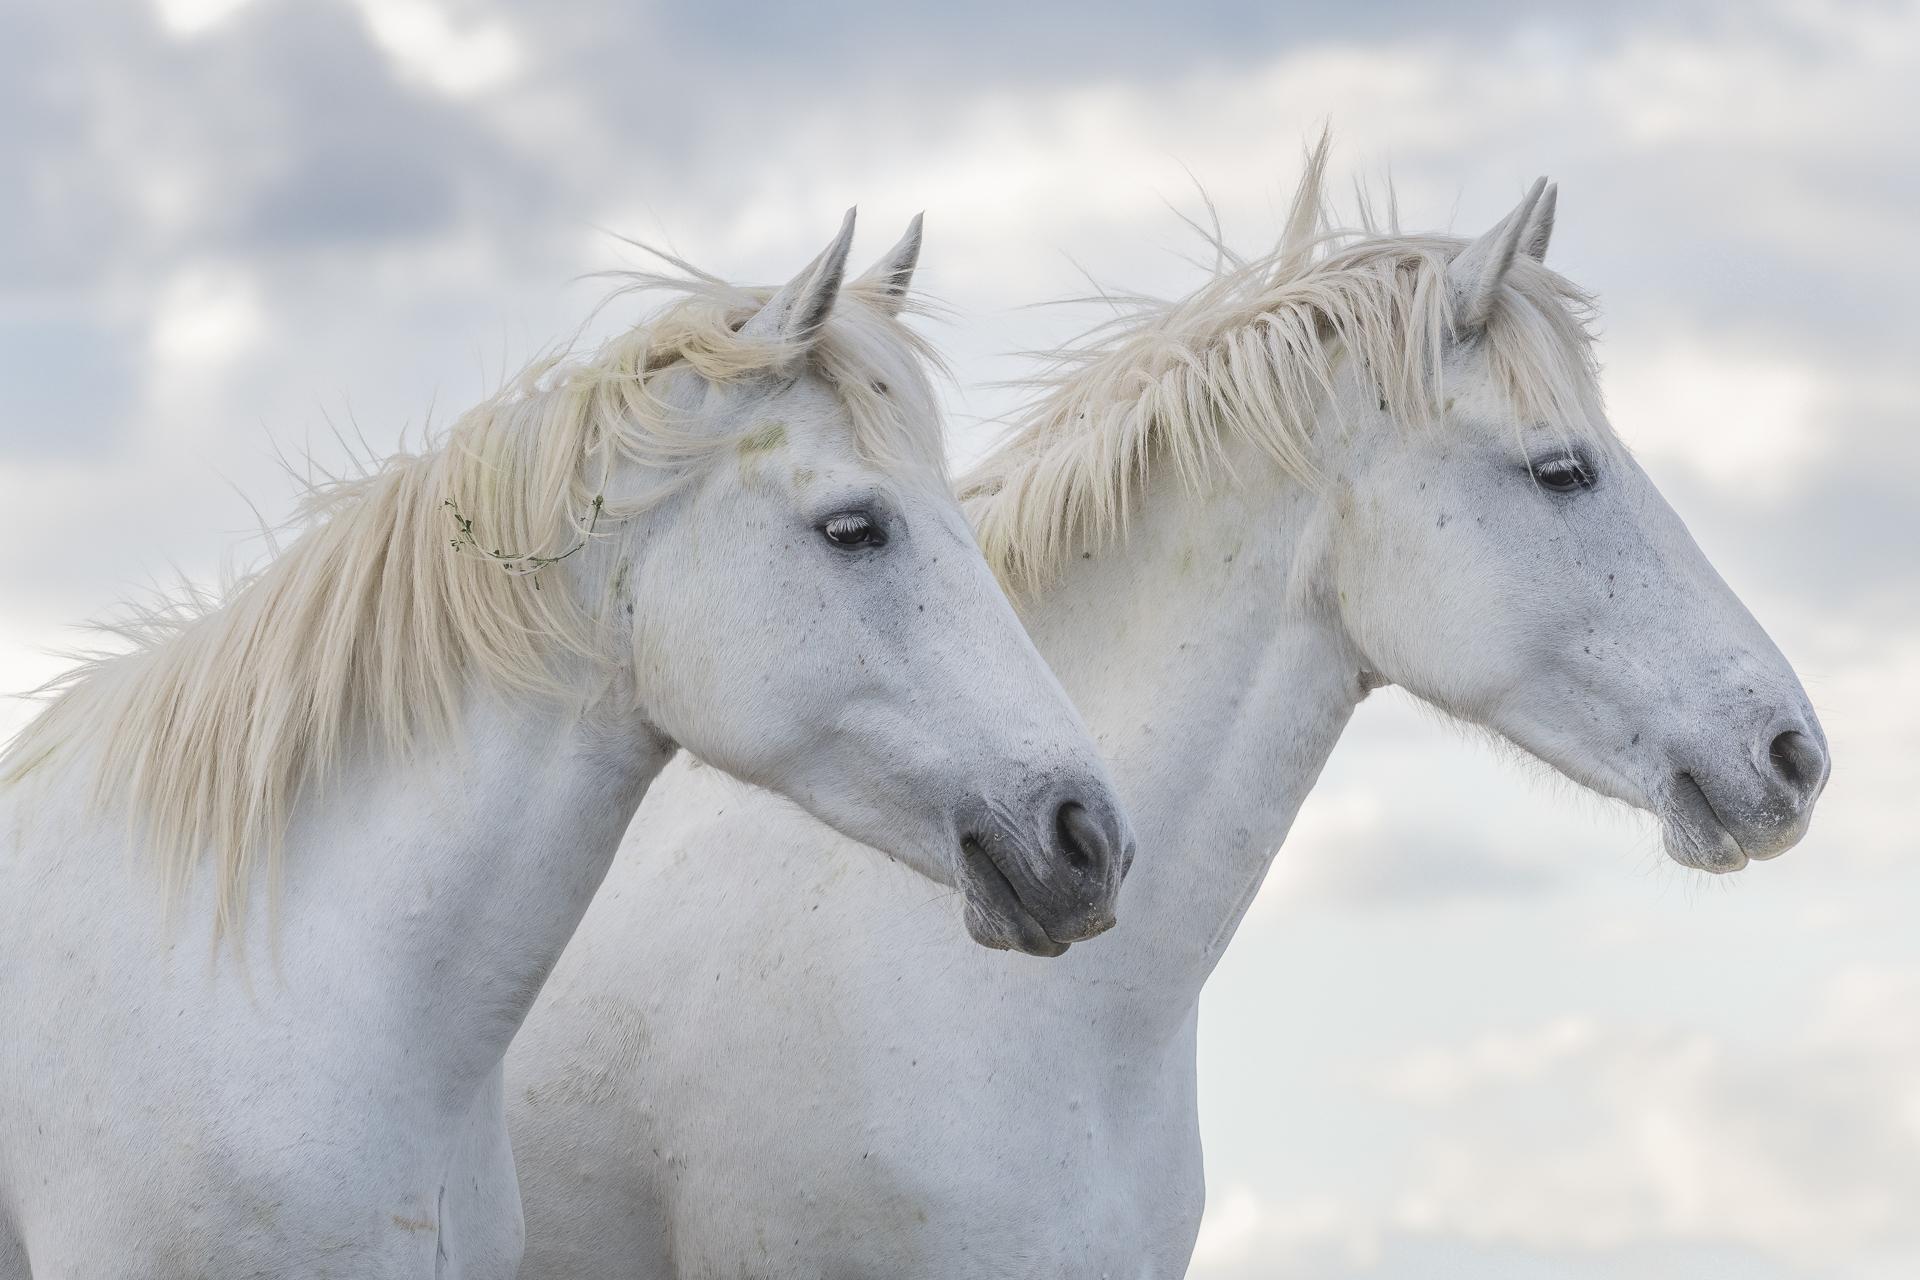 Camargue horses. Parc naturel régional de Camargue. France.